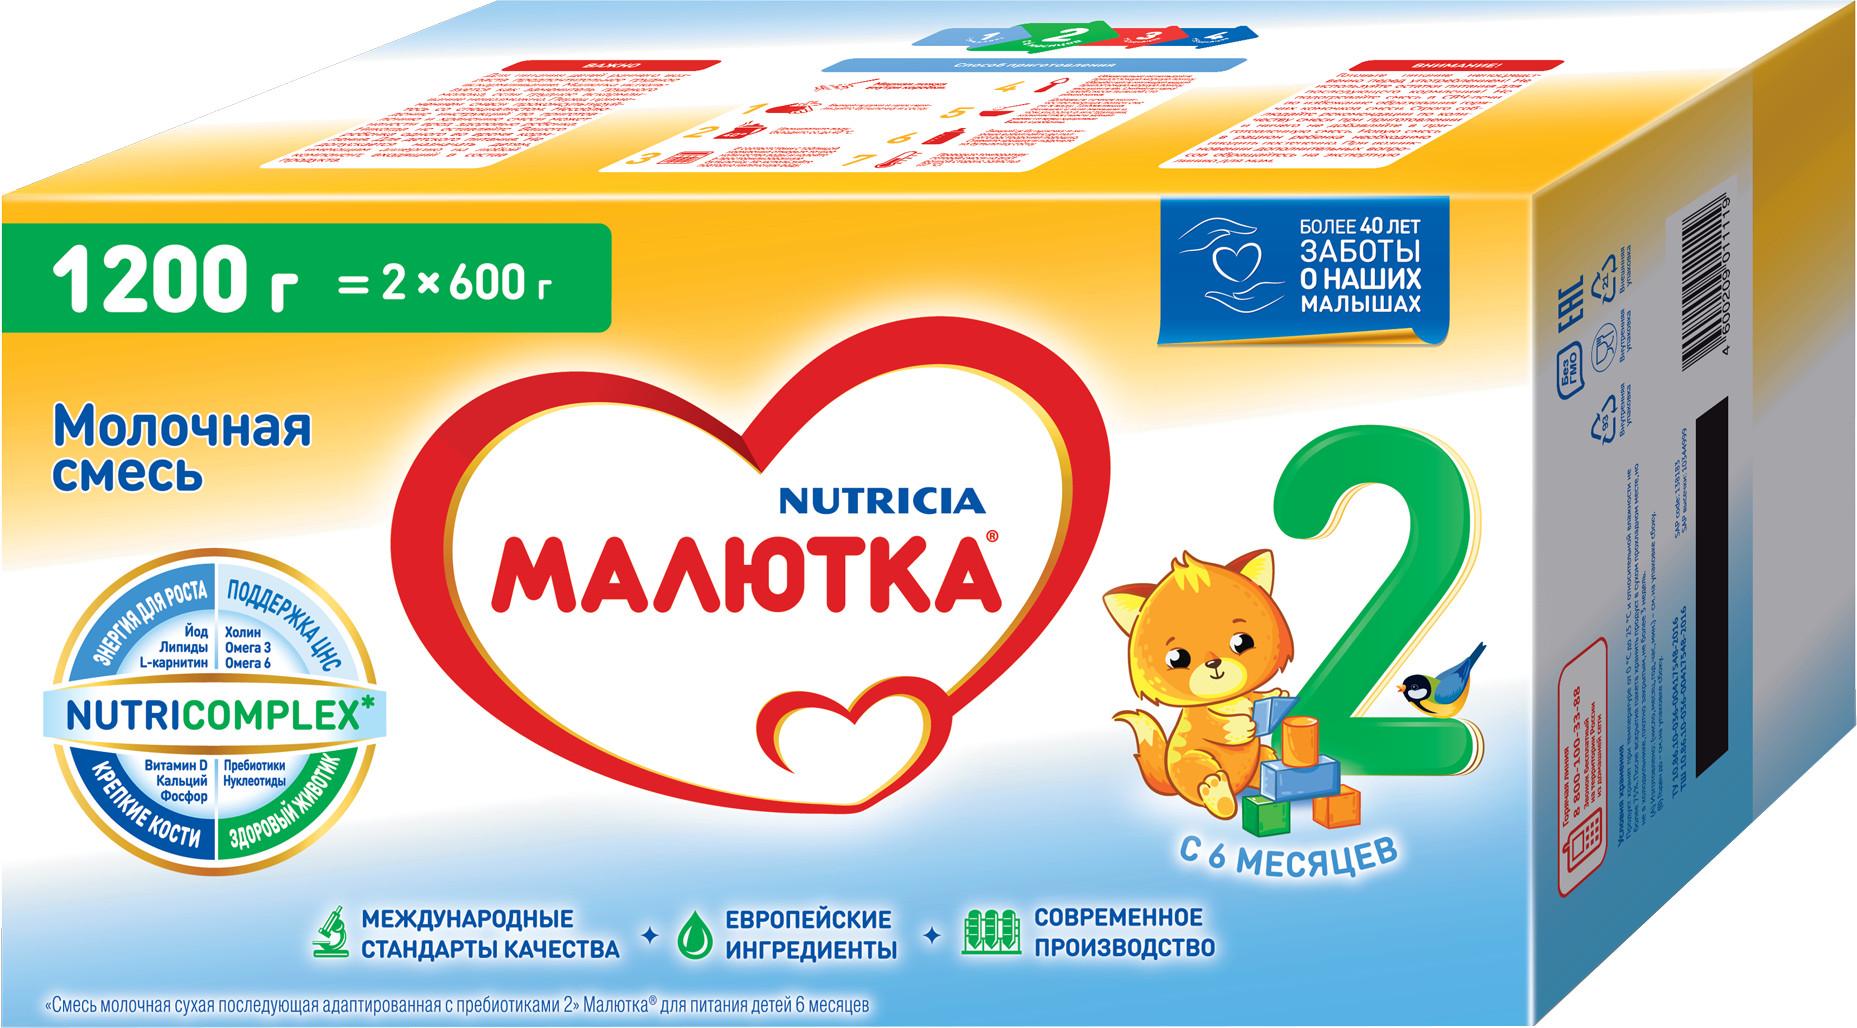 Молочные смеси Малютка Малютка (Nutricia) 2 (с 6 месяцев) 2х600 г чудо зернышко рис круглозерный 1 сорт 800 г